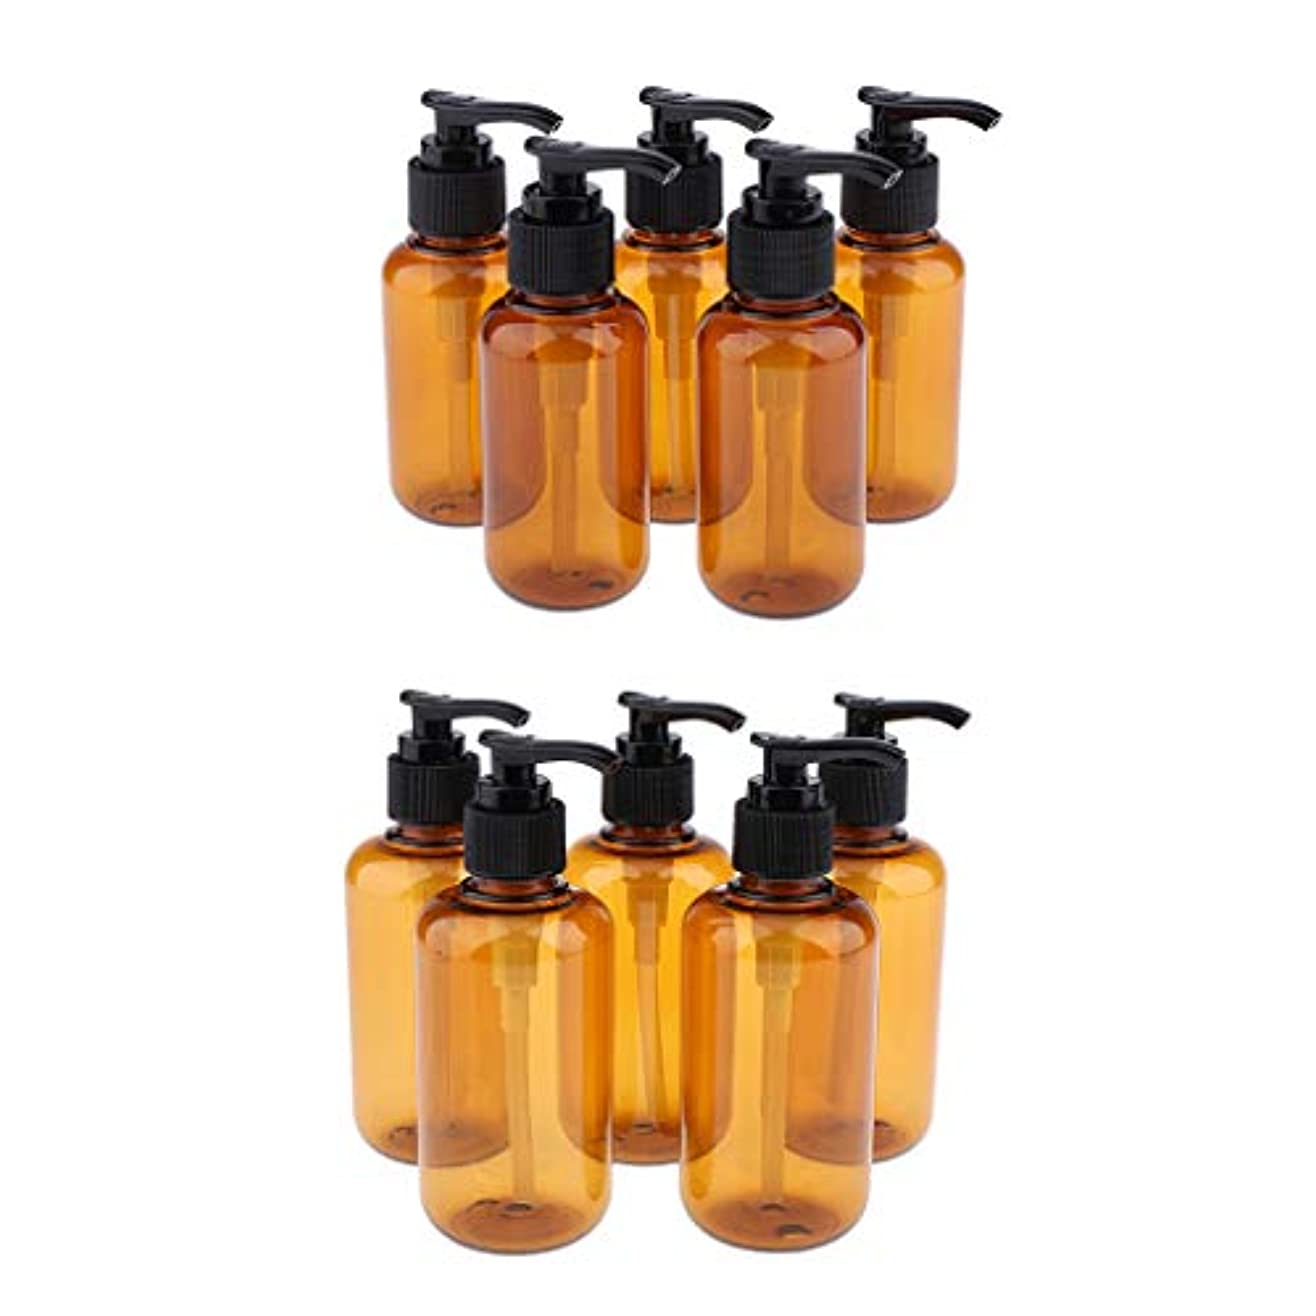 事最大化する確かにP Prettyia 10個 空のポンプボトル シャンプーボトル ローションコンテナ 詰替え容器 空のボトル